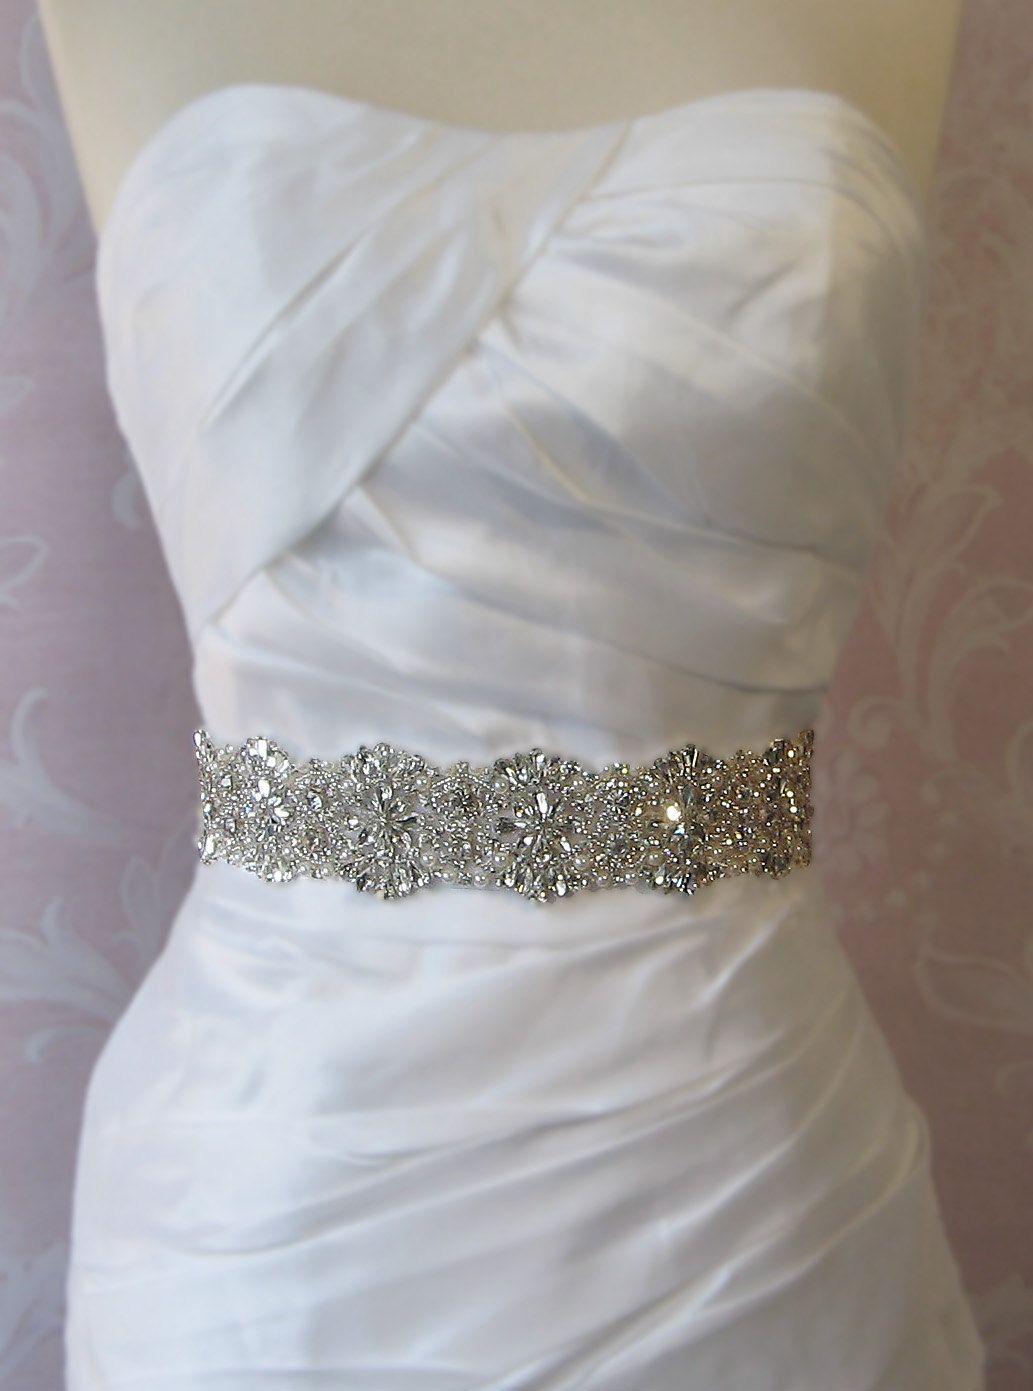 Pearl belt for wedding dress  Crystal Rhinestone u Pearl Bridal Sash Wedding by TheRedMagnolia